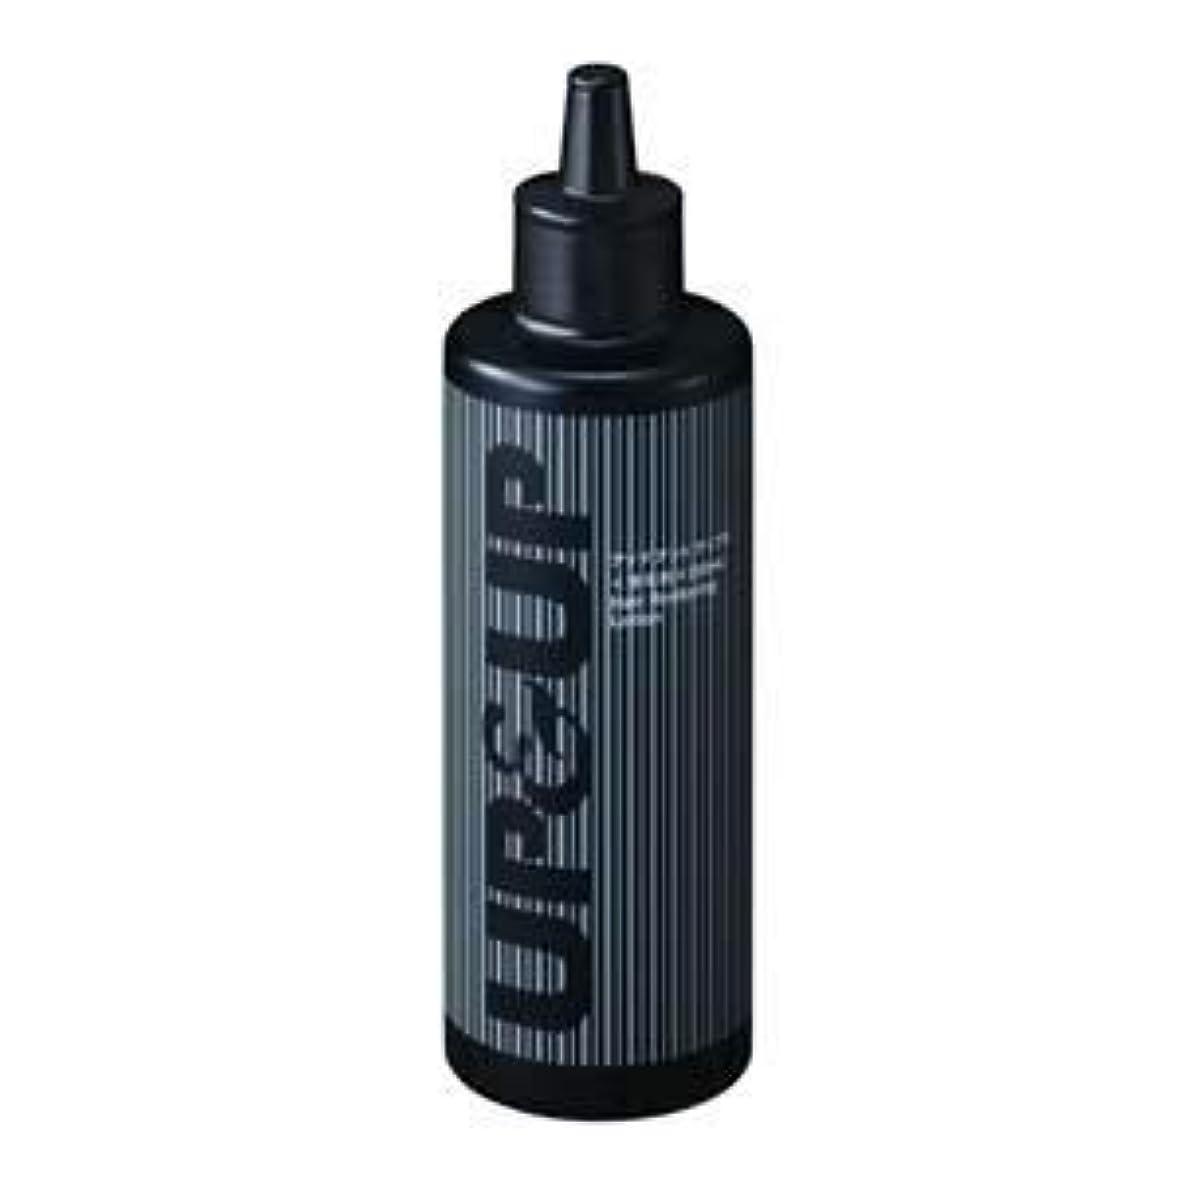 レディラフレシアアルノルディマイクロフォンH+Bライフサイエンス アップ アンド アップ UP&UP S育毛剤 200mL